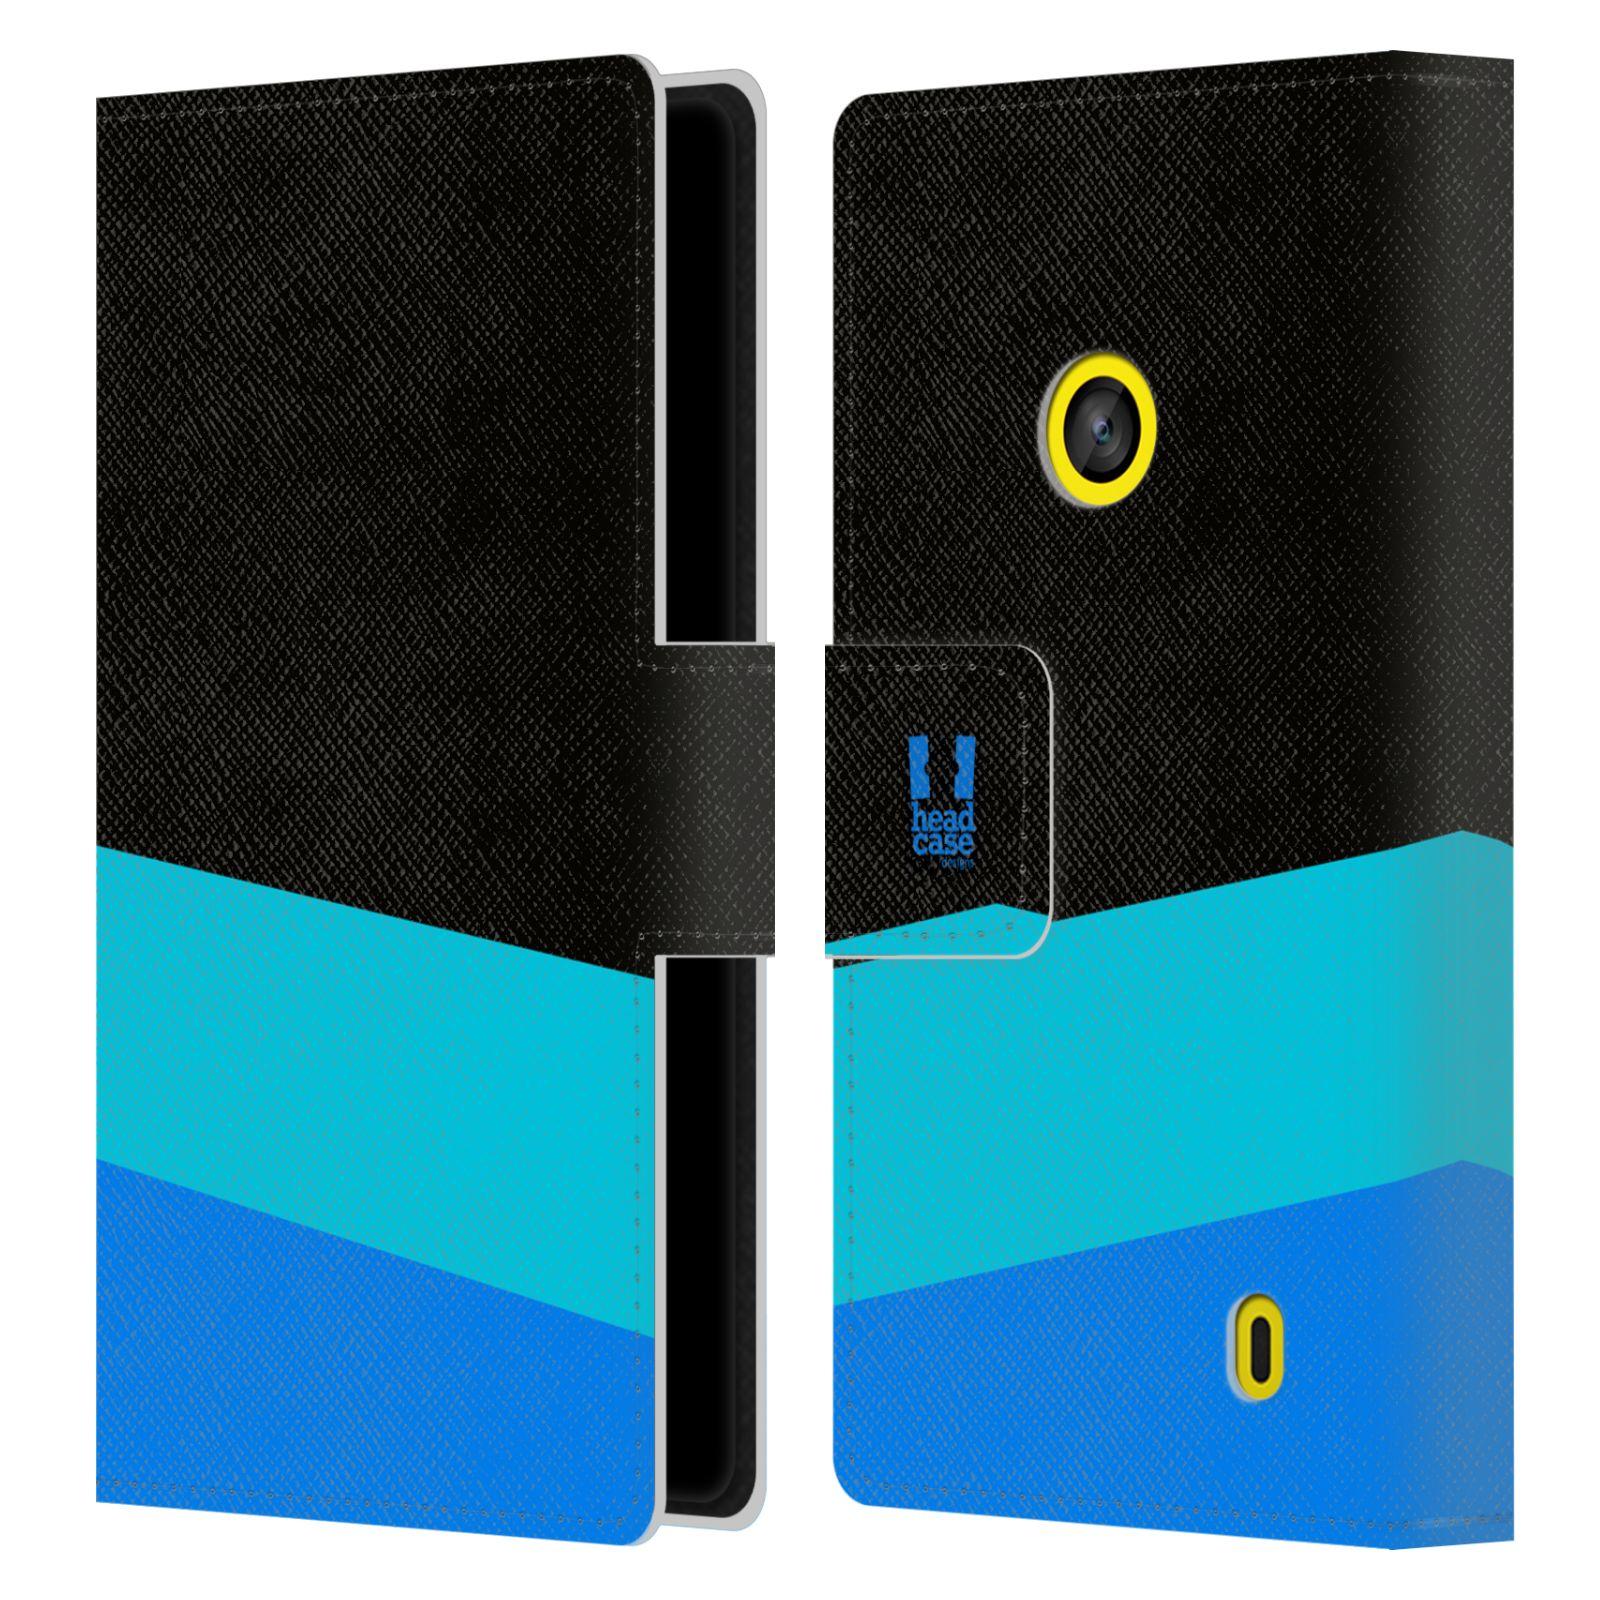 HEAD CASE Flipové pouzdro pro mobil Nokia LUMIA 520/525 barevné tvary modrá a černá FORMAL